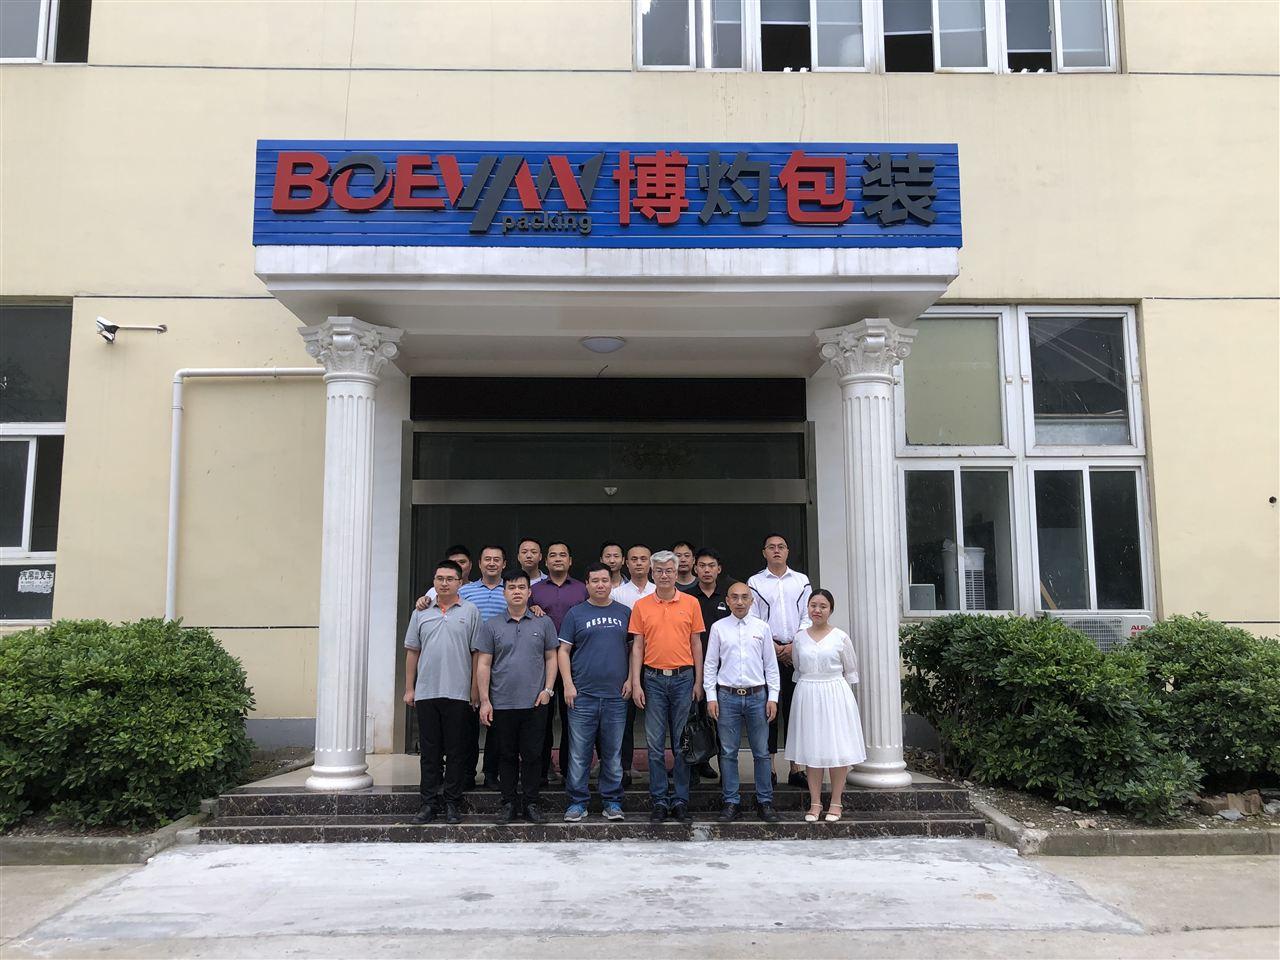 走訪台湾博灼包裝機械有限公司